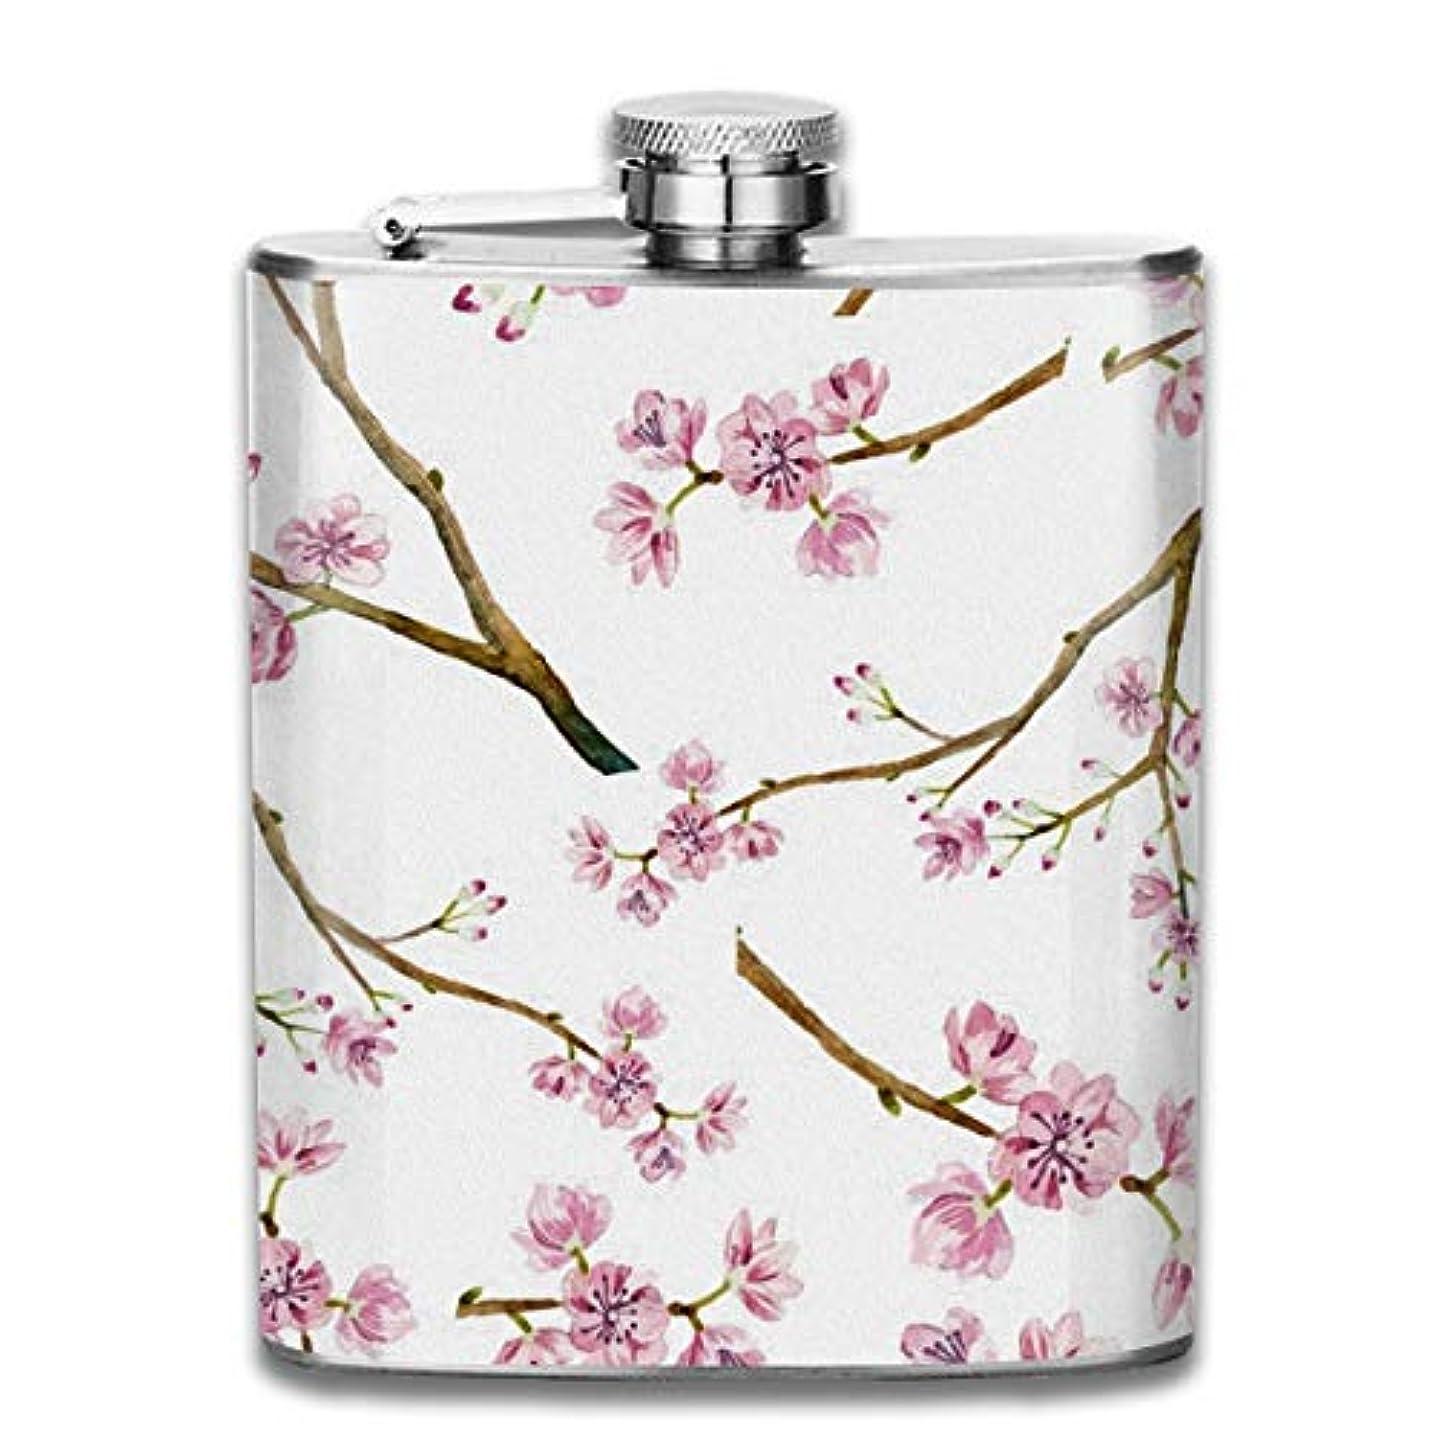 受け継ぐ文言無傷桃花 桜の花フラスコ スキットル ヒップフラスコ 7オンス 206ml 高品質ステンレス製 ウイスキー アルコール 清酒 携帯 ボトル